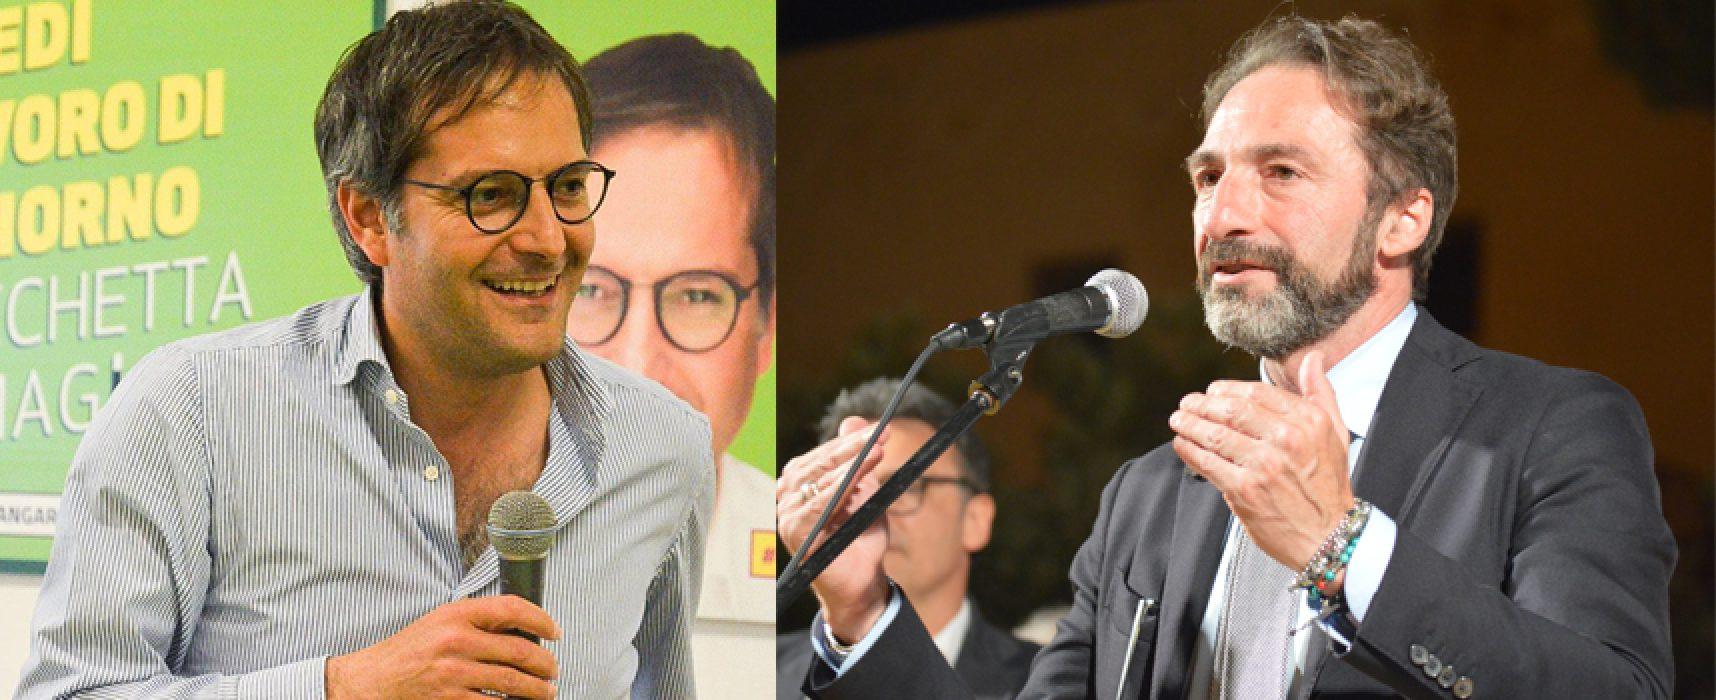 Ultima domenica di campagna elettorale: comizi di Angarano e Casella